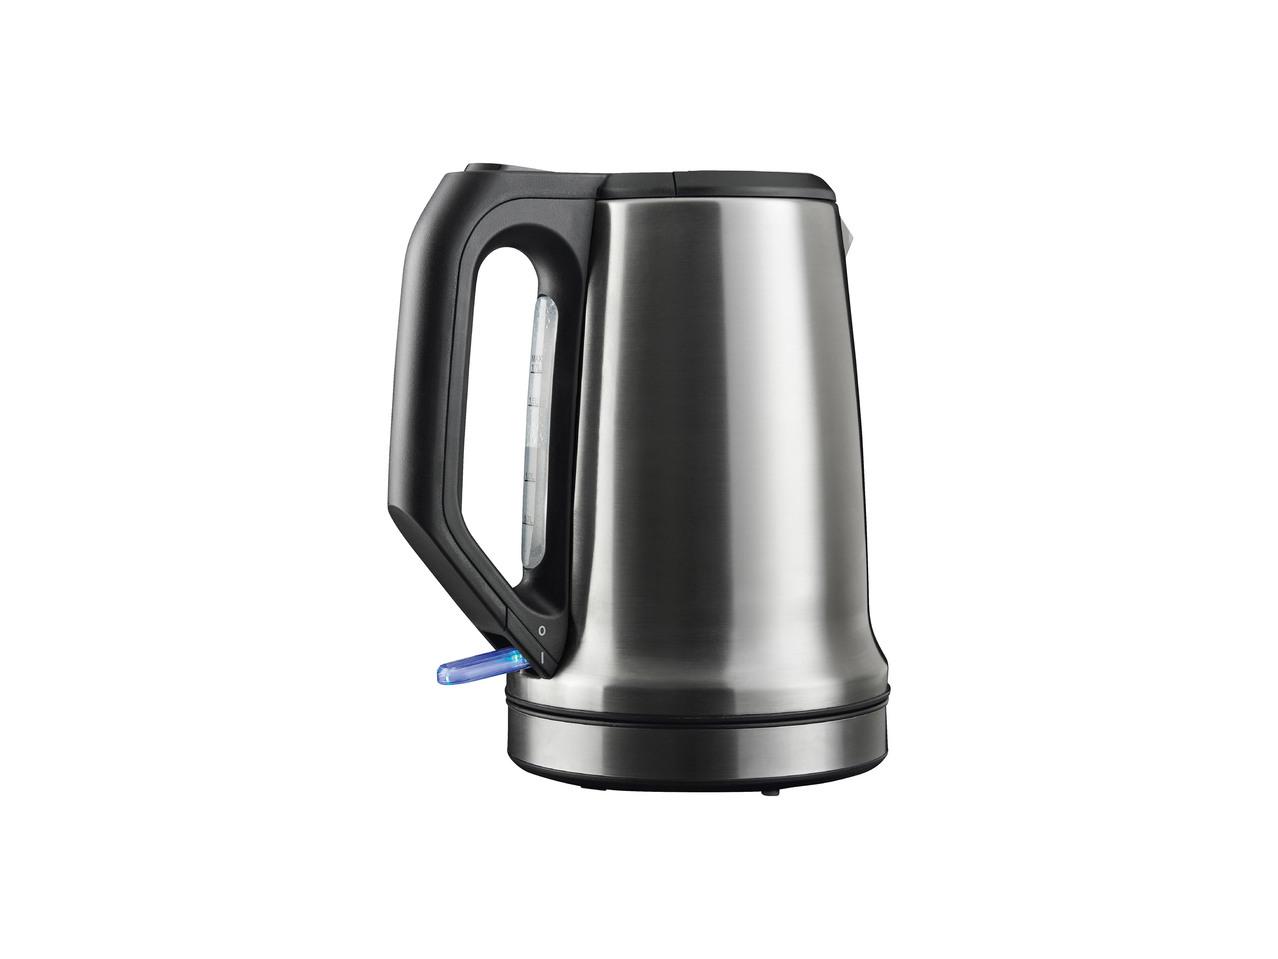 Wasserkocher SILVERCREST SWKD 2200 A1